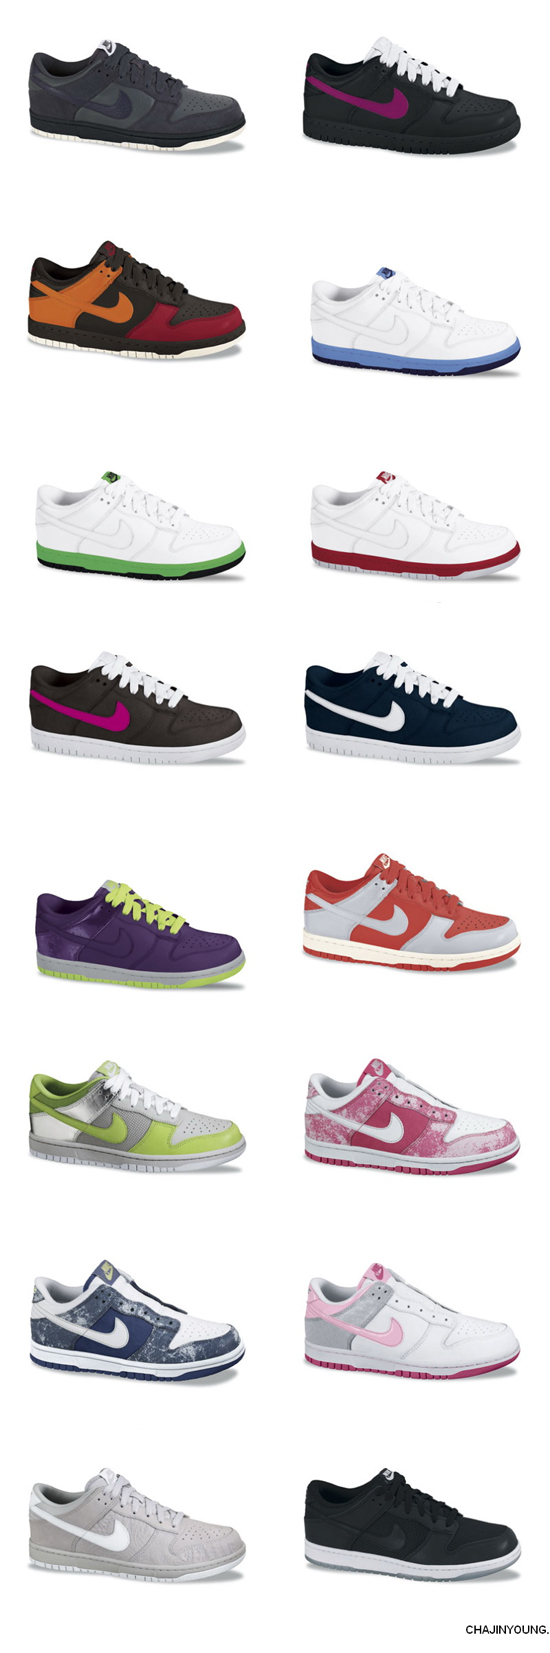 LATEST VIDEOS. TAGS  Nike · Nike Dunk Low da317e48f